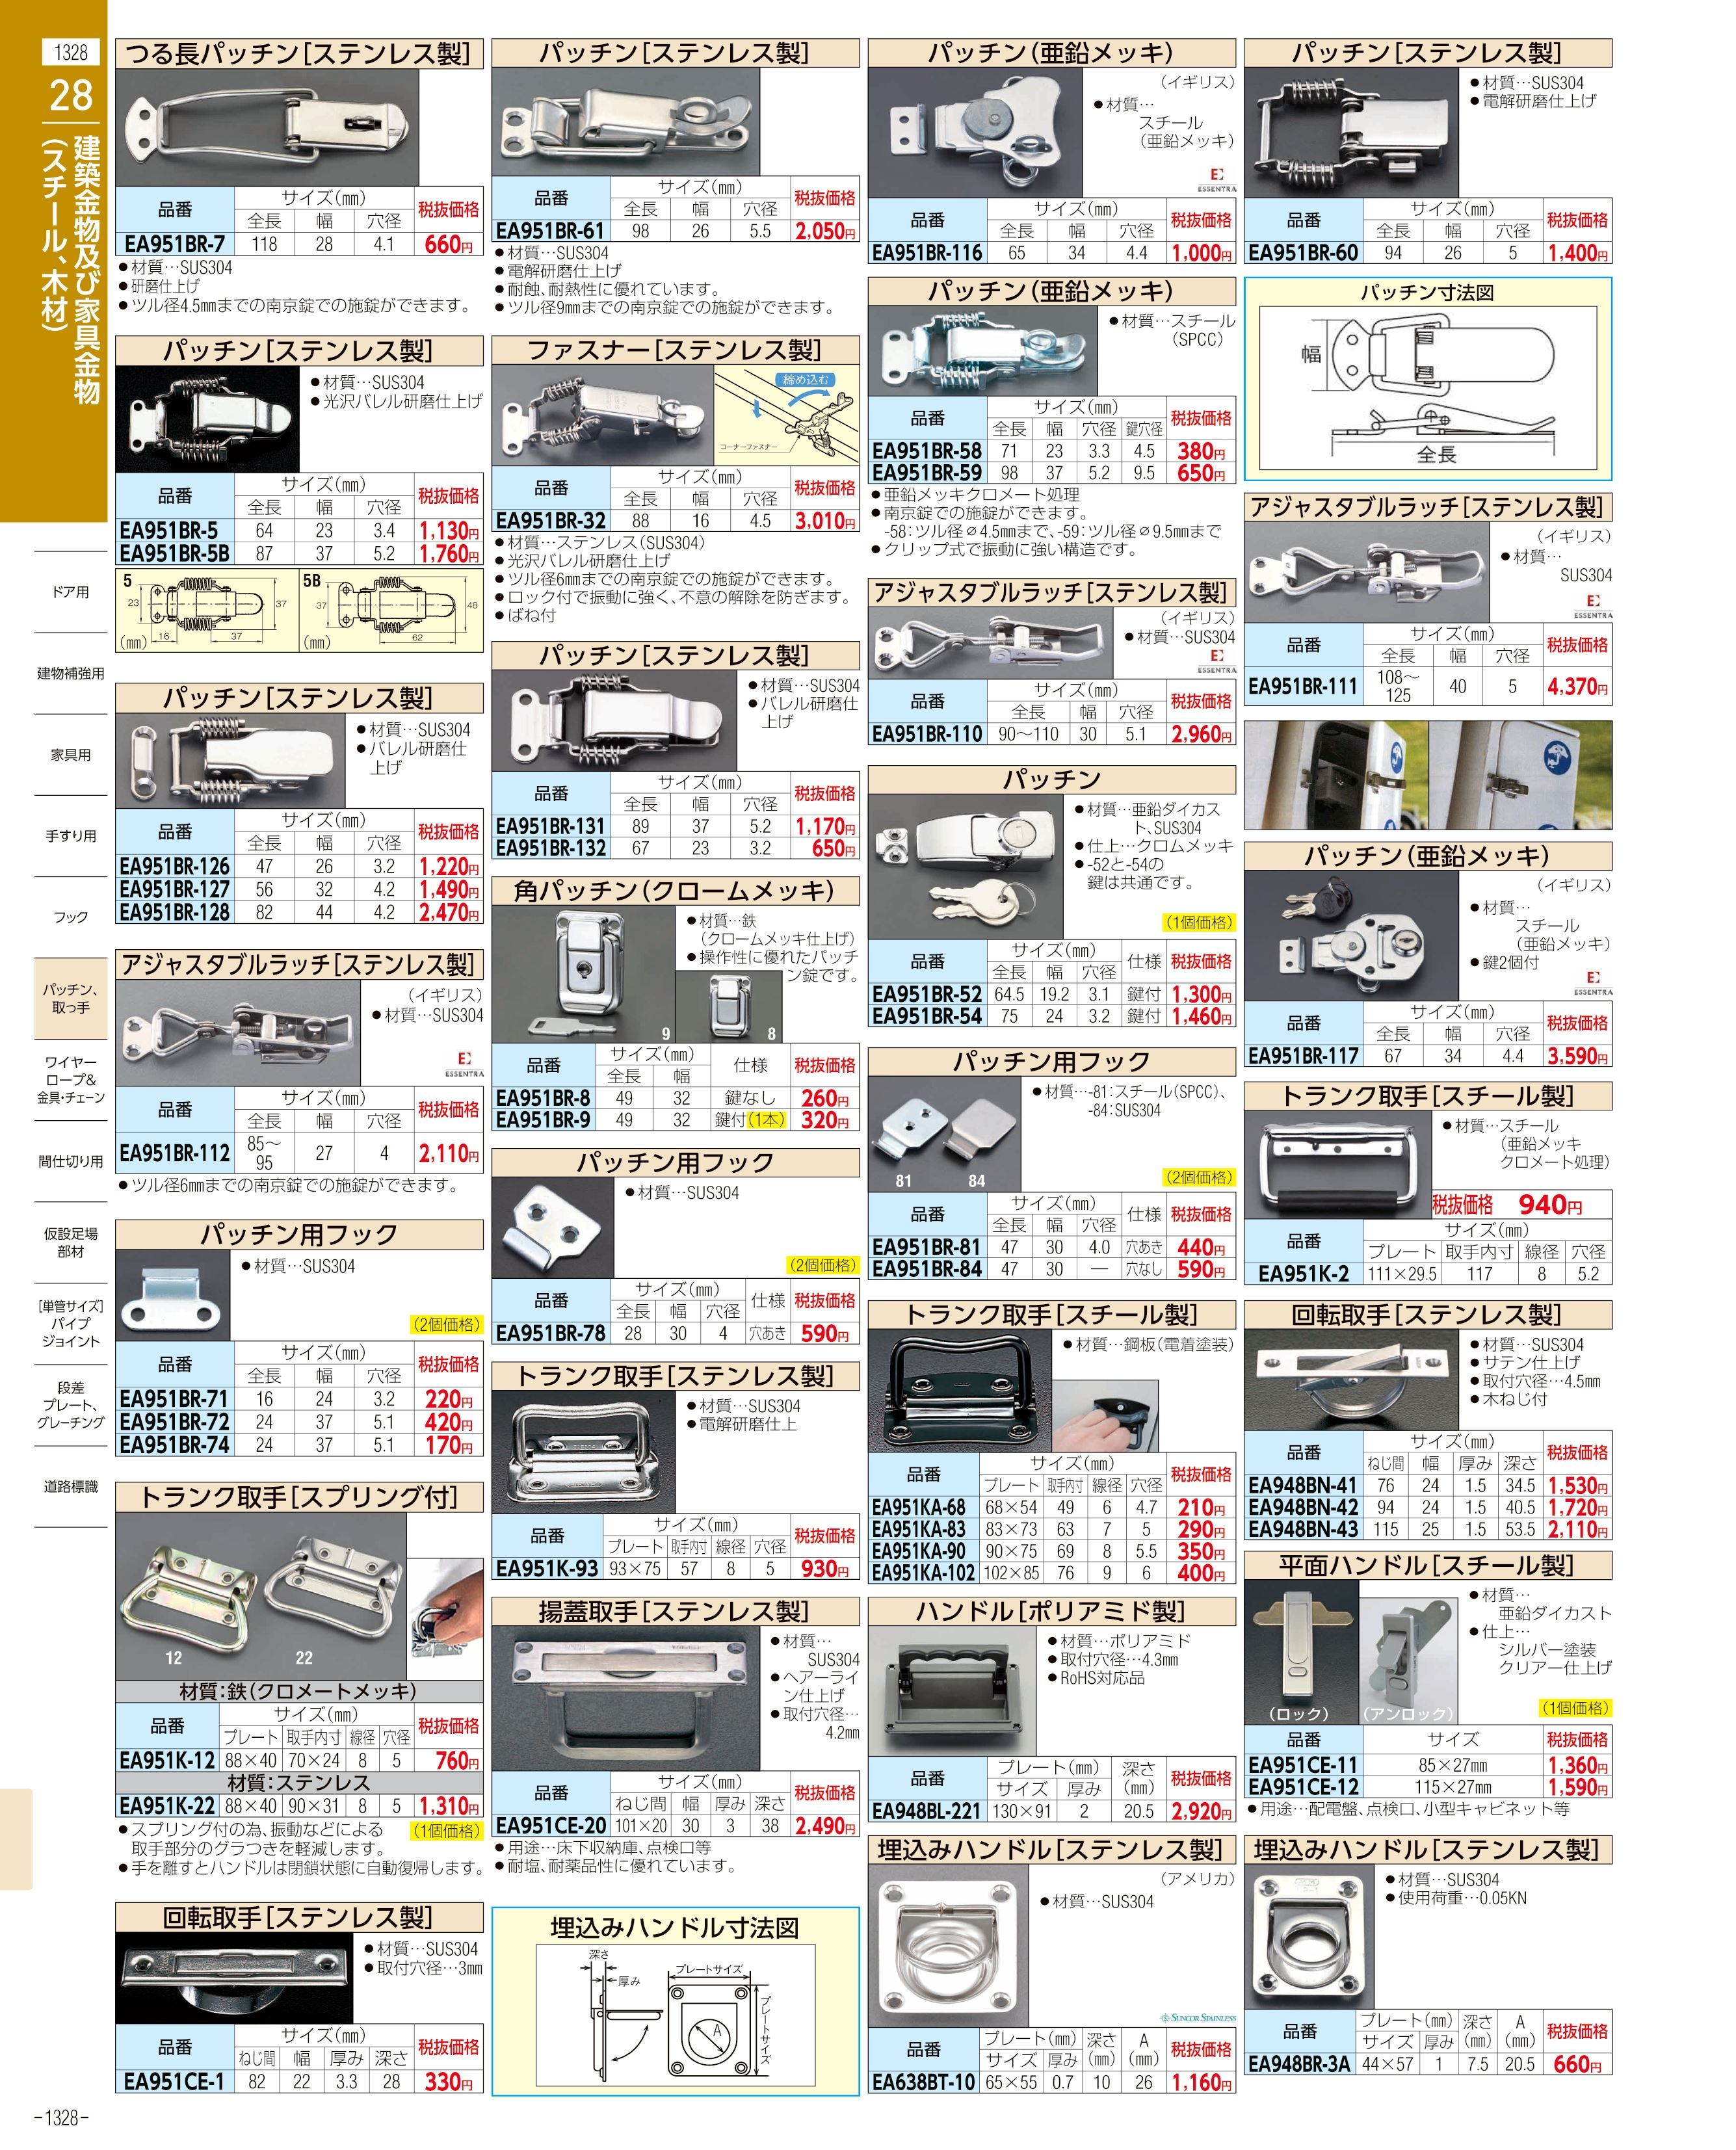 エスコ便利カタログ1328ページ